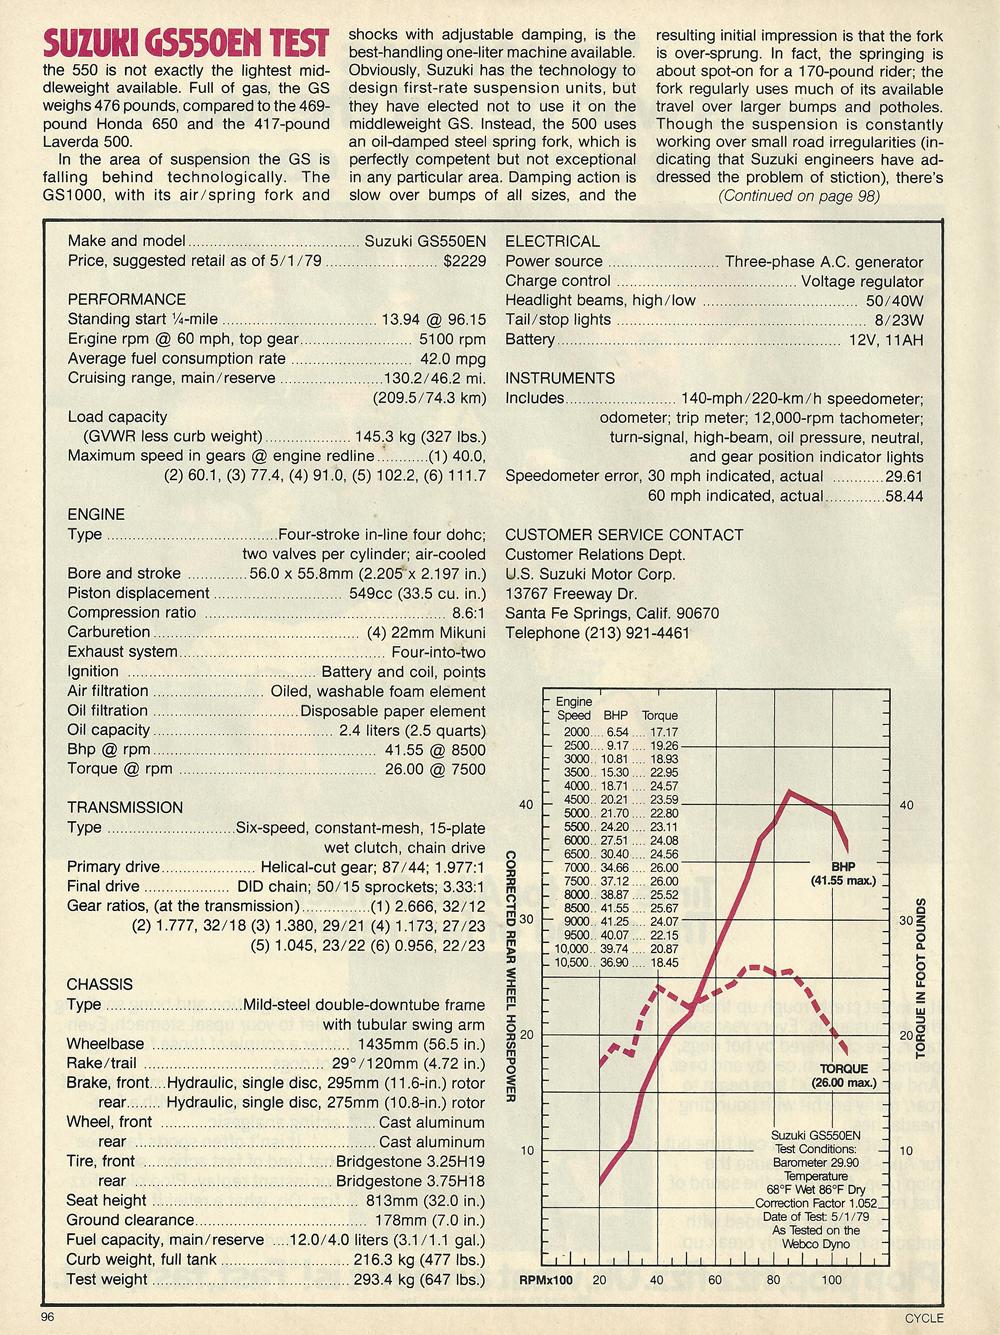 1979 Suzuki GS550EN road test 7.jpg